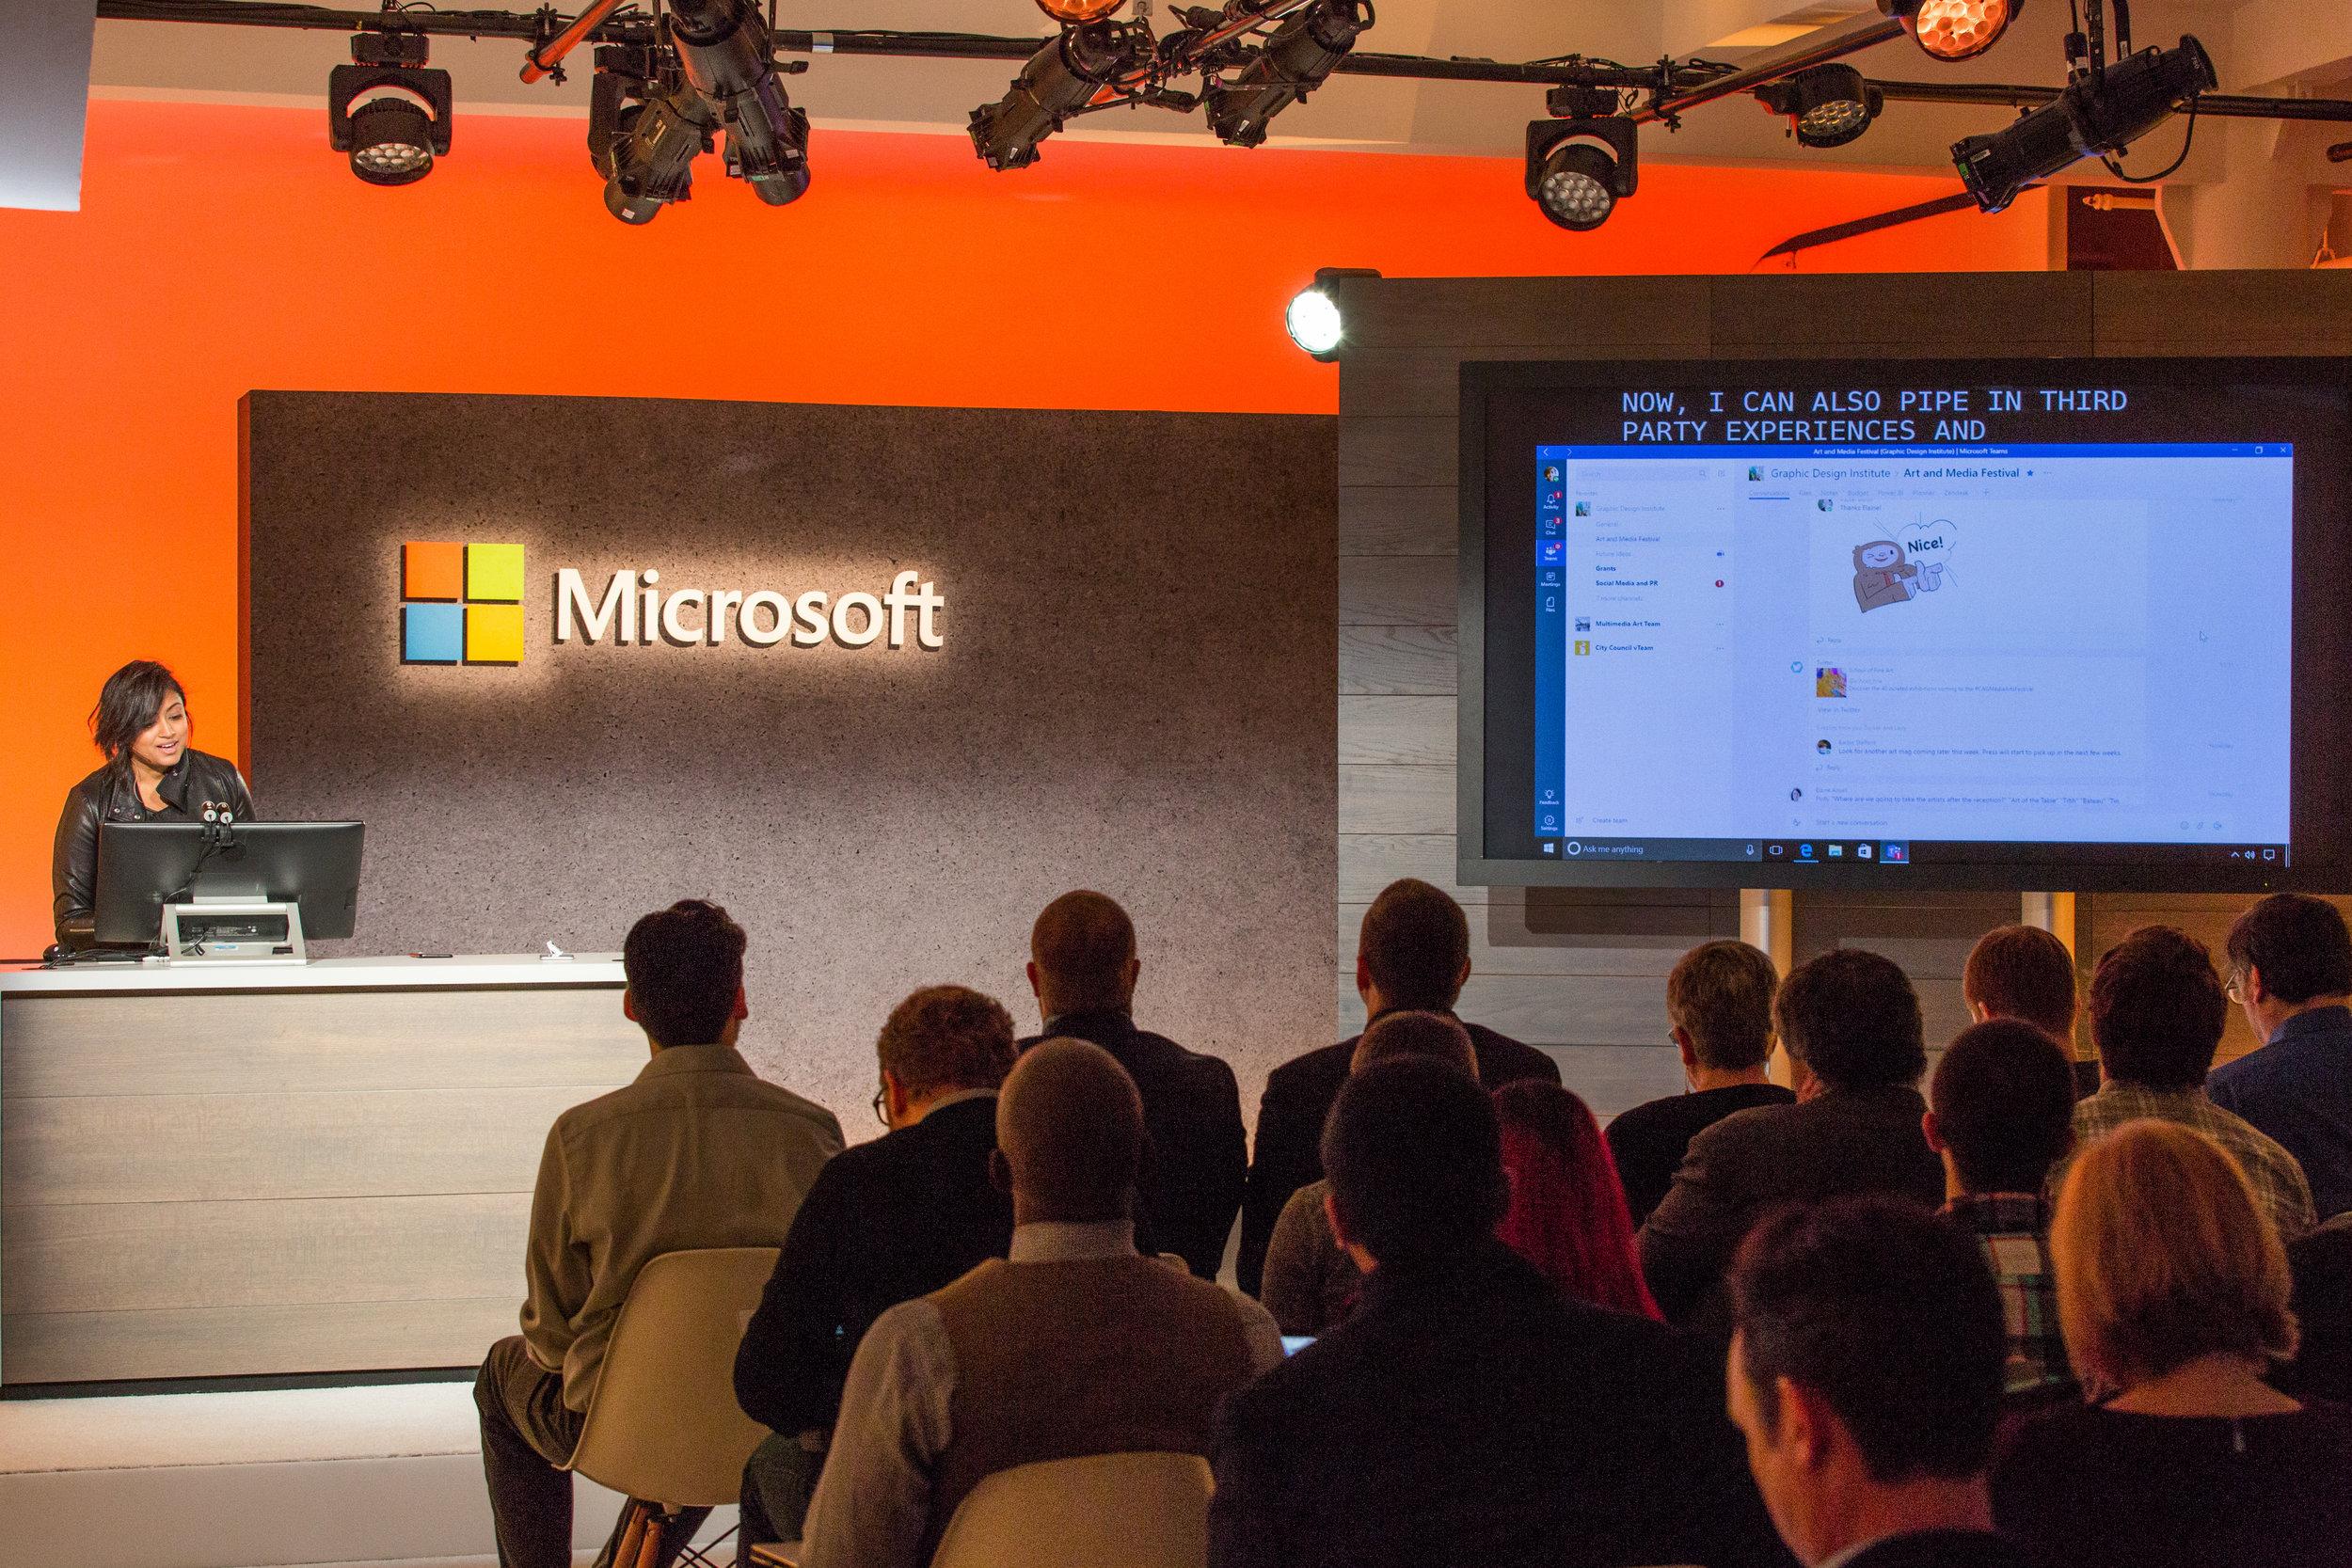 Watch here as Mira Lane takes us on a Microsoft Teams walkthrough